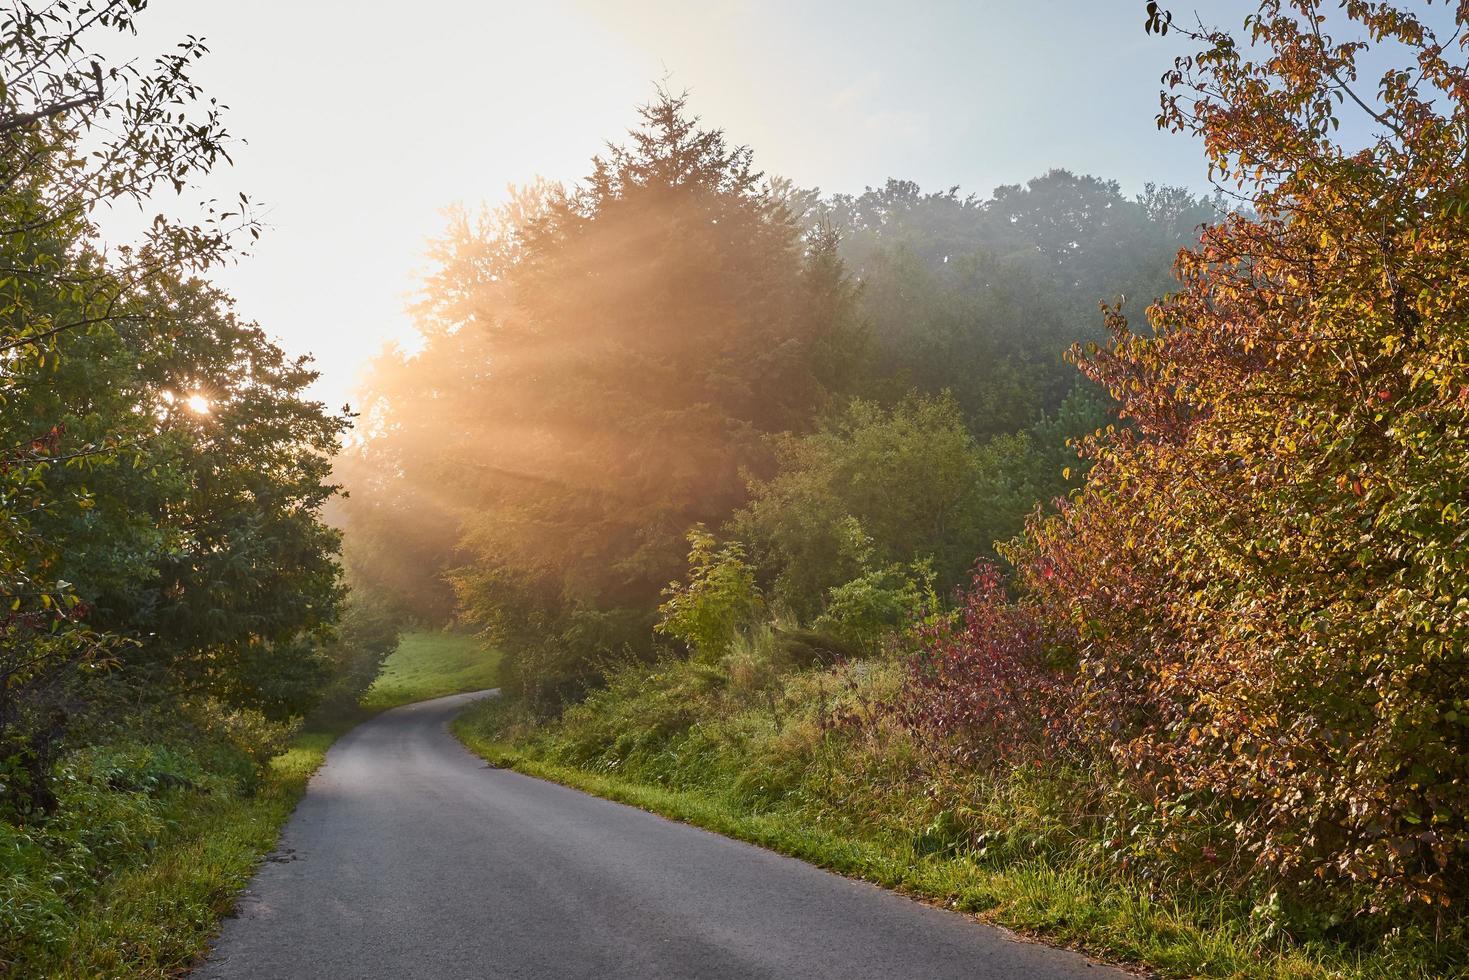 graue Asphaltstraße zwischen Bäumen foto